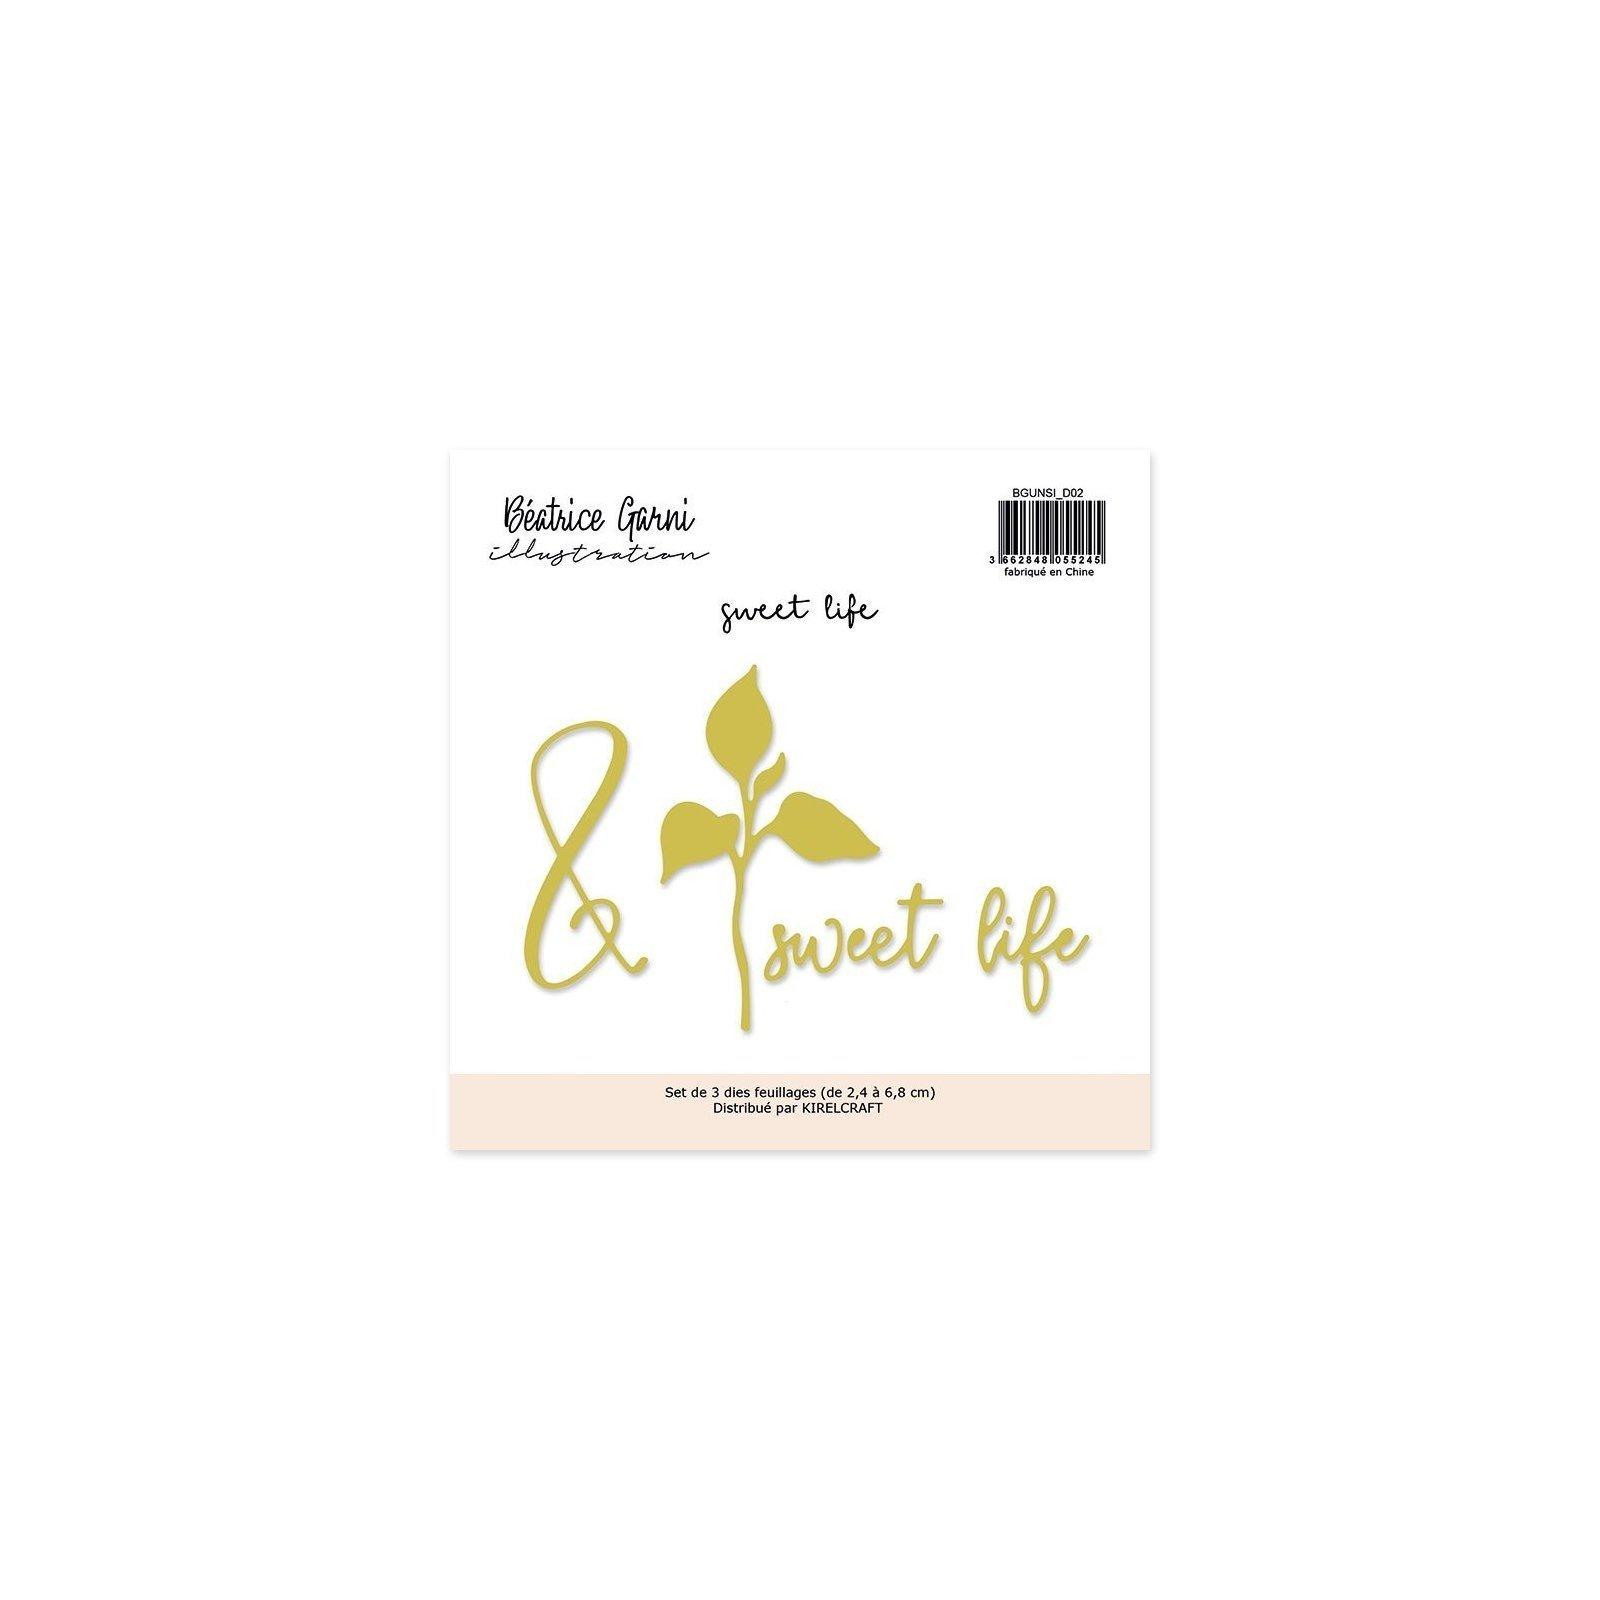 Matrices de coupe - Sweet Life - Un si beau moment - Béatrice Garni